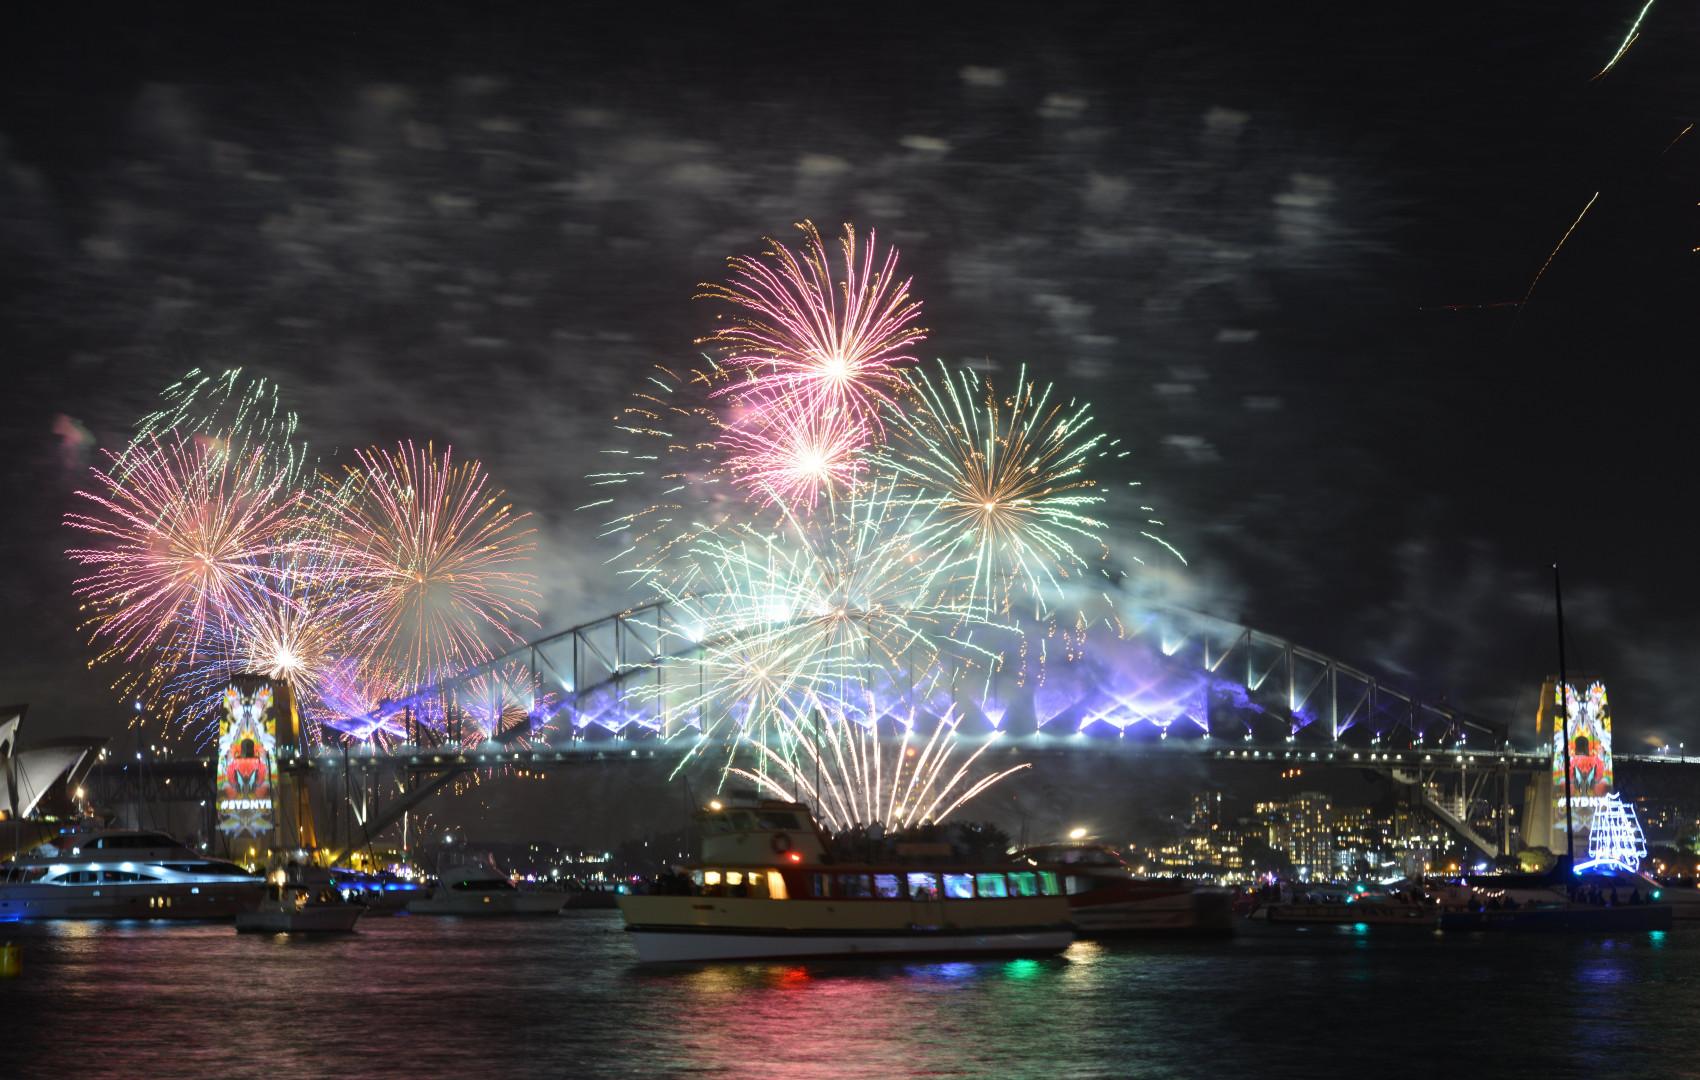 À Sydney, le célèbre Harbour Bridge s'est illuminé